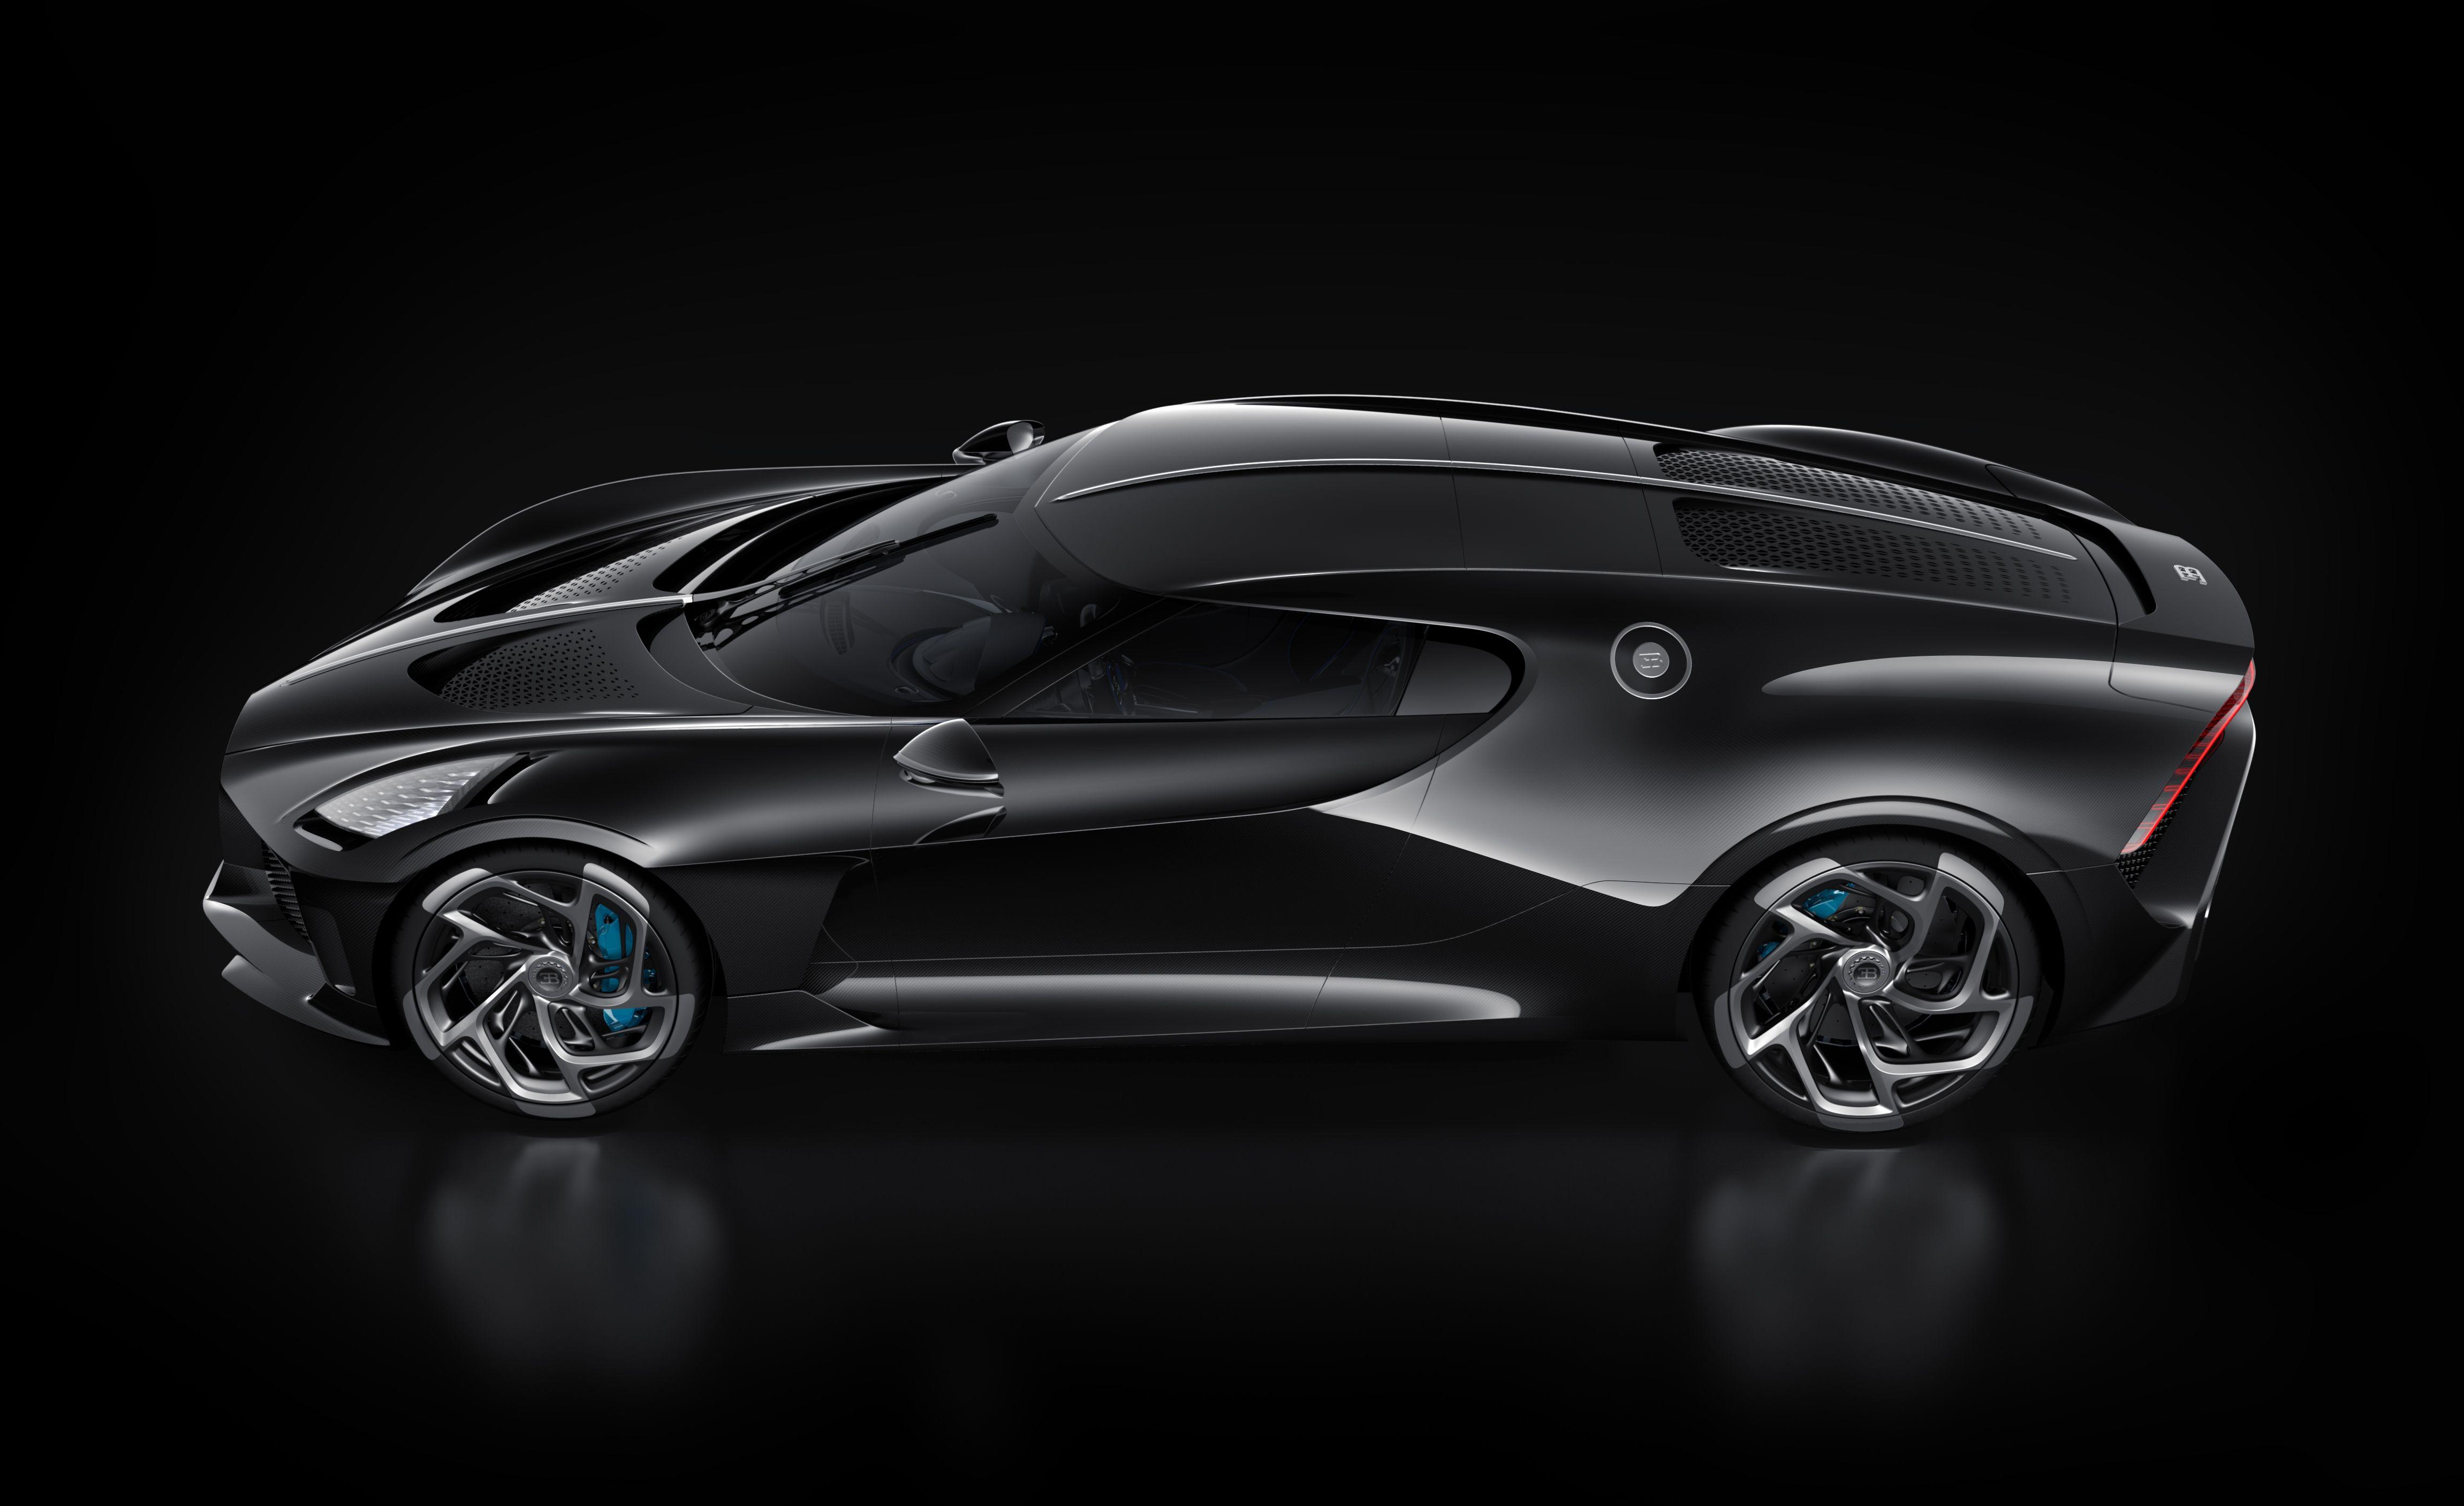 Every Angle Of The 18 9 Million Bugatti La Voiture Noire